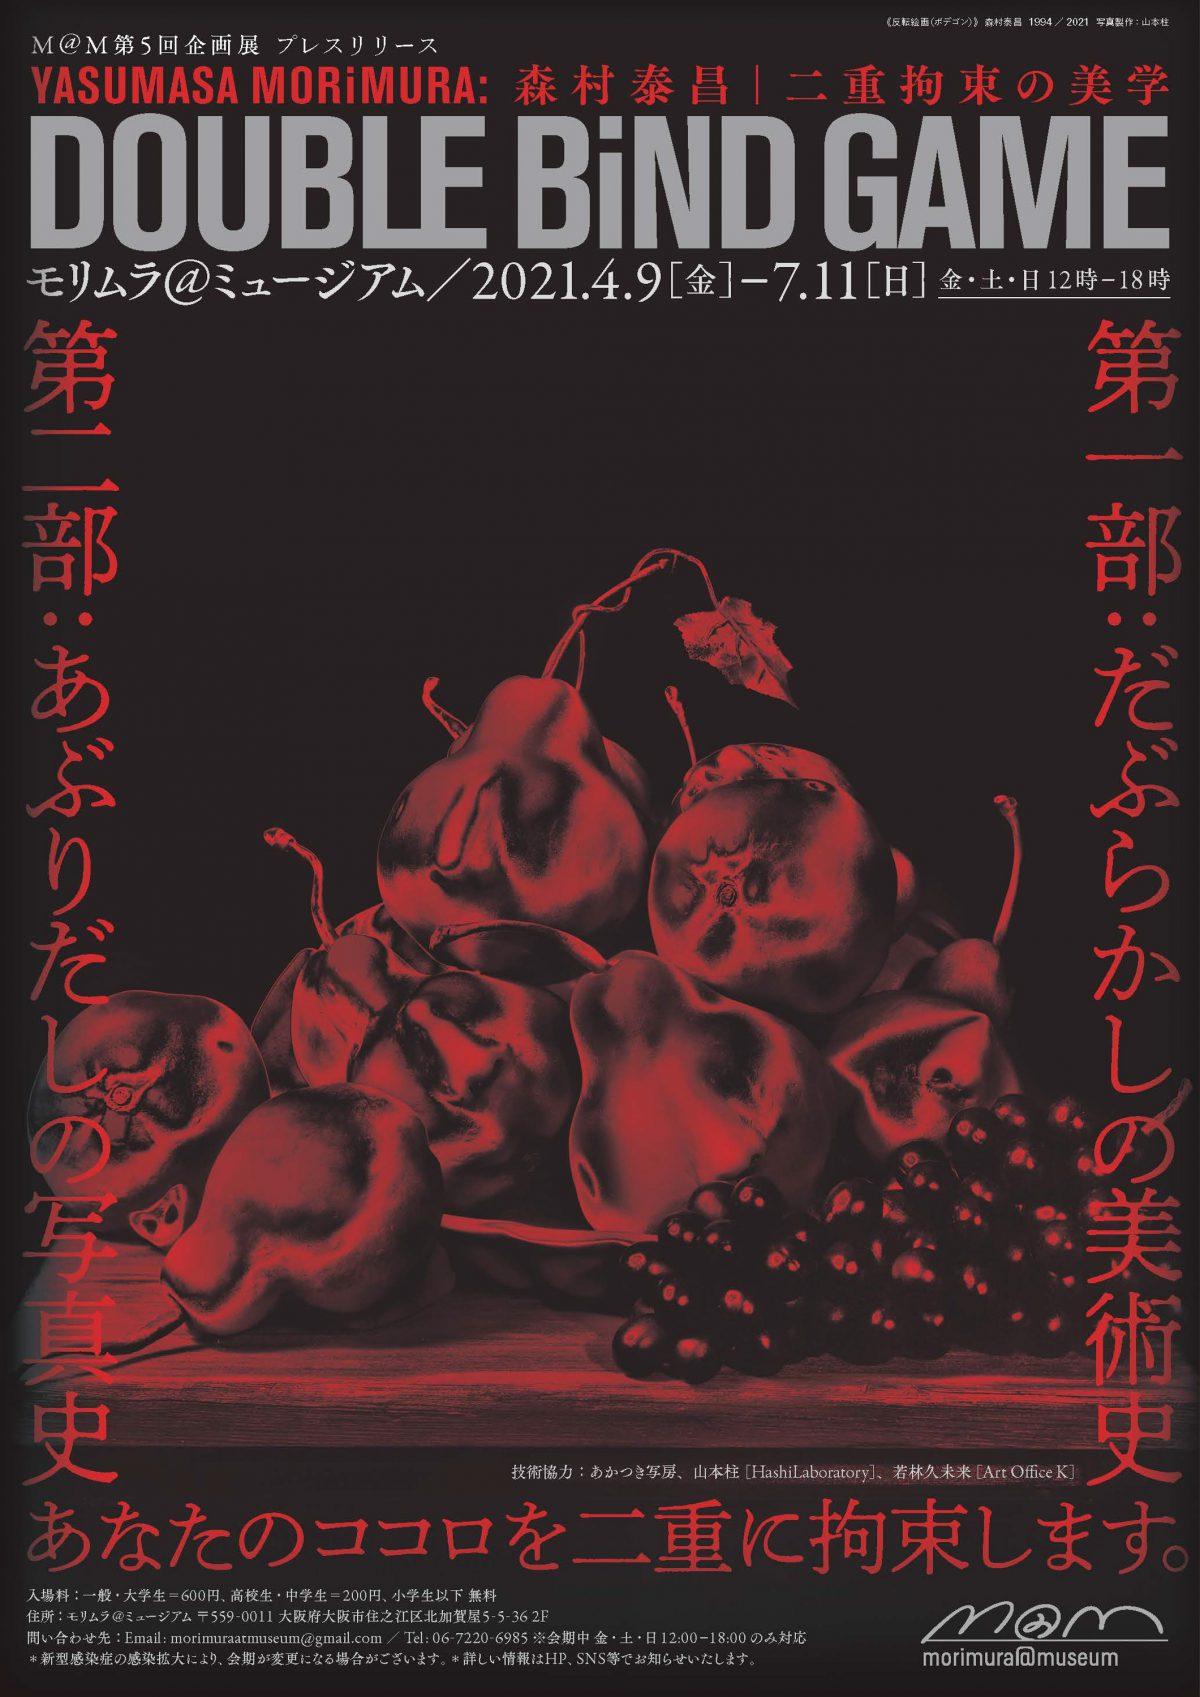 2021.4.9(金)〜7.11(日) DOBLE BiND GAME 二重拘束の美学